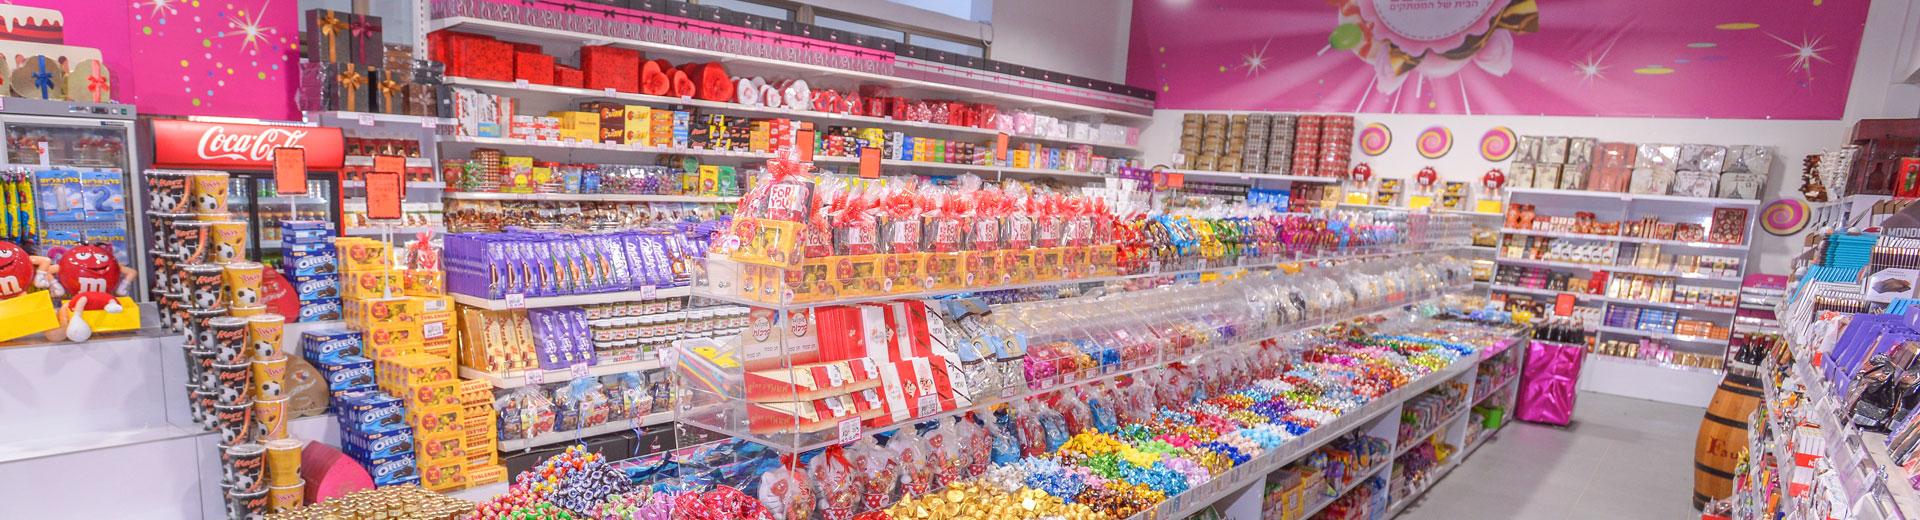 חנות ממתקים ושוקולד